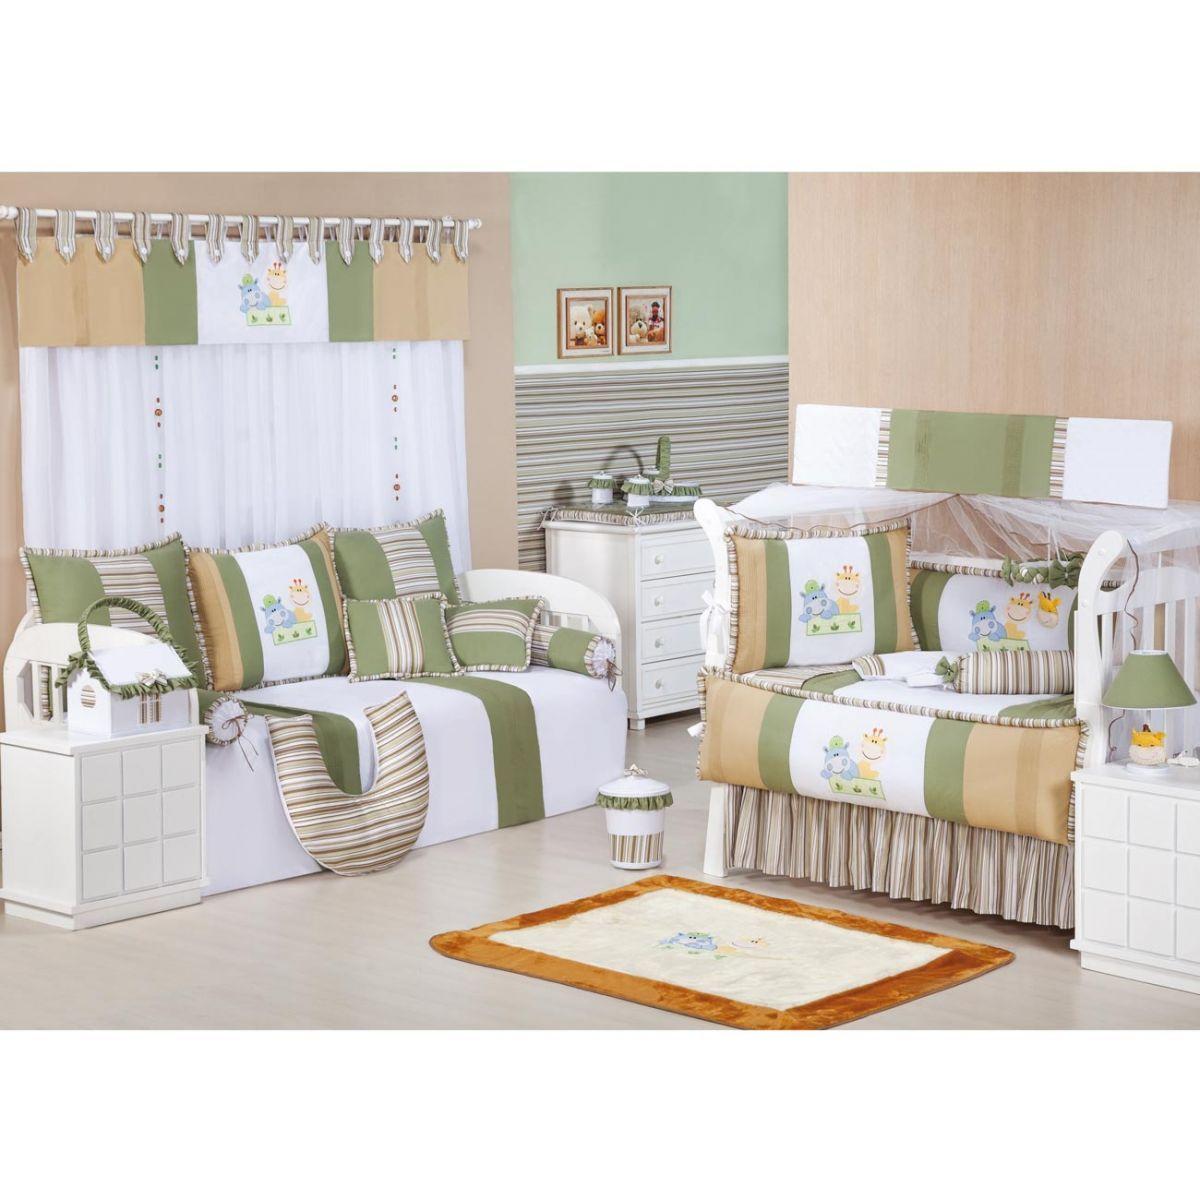 Lixeira Enfeitada p/ Quarto de Bebê - Coleção Turminha da Floresta